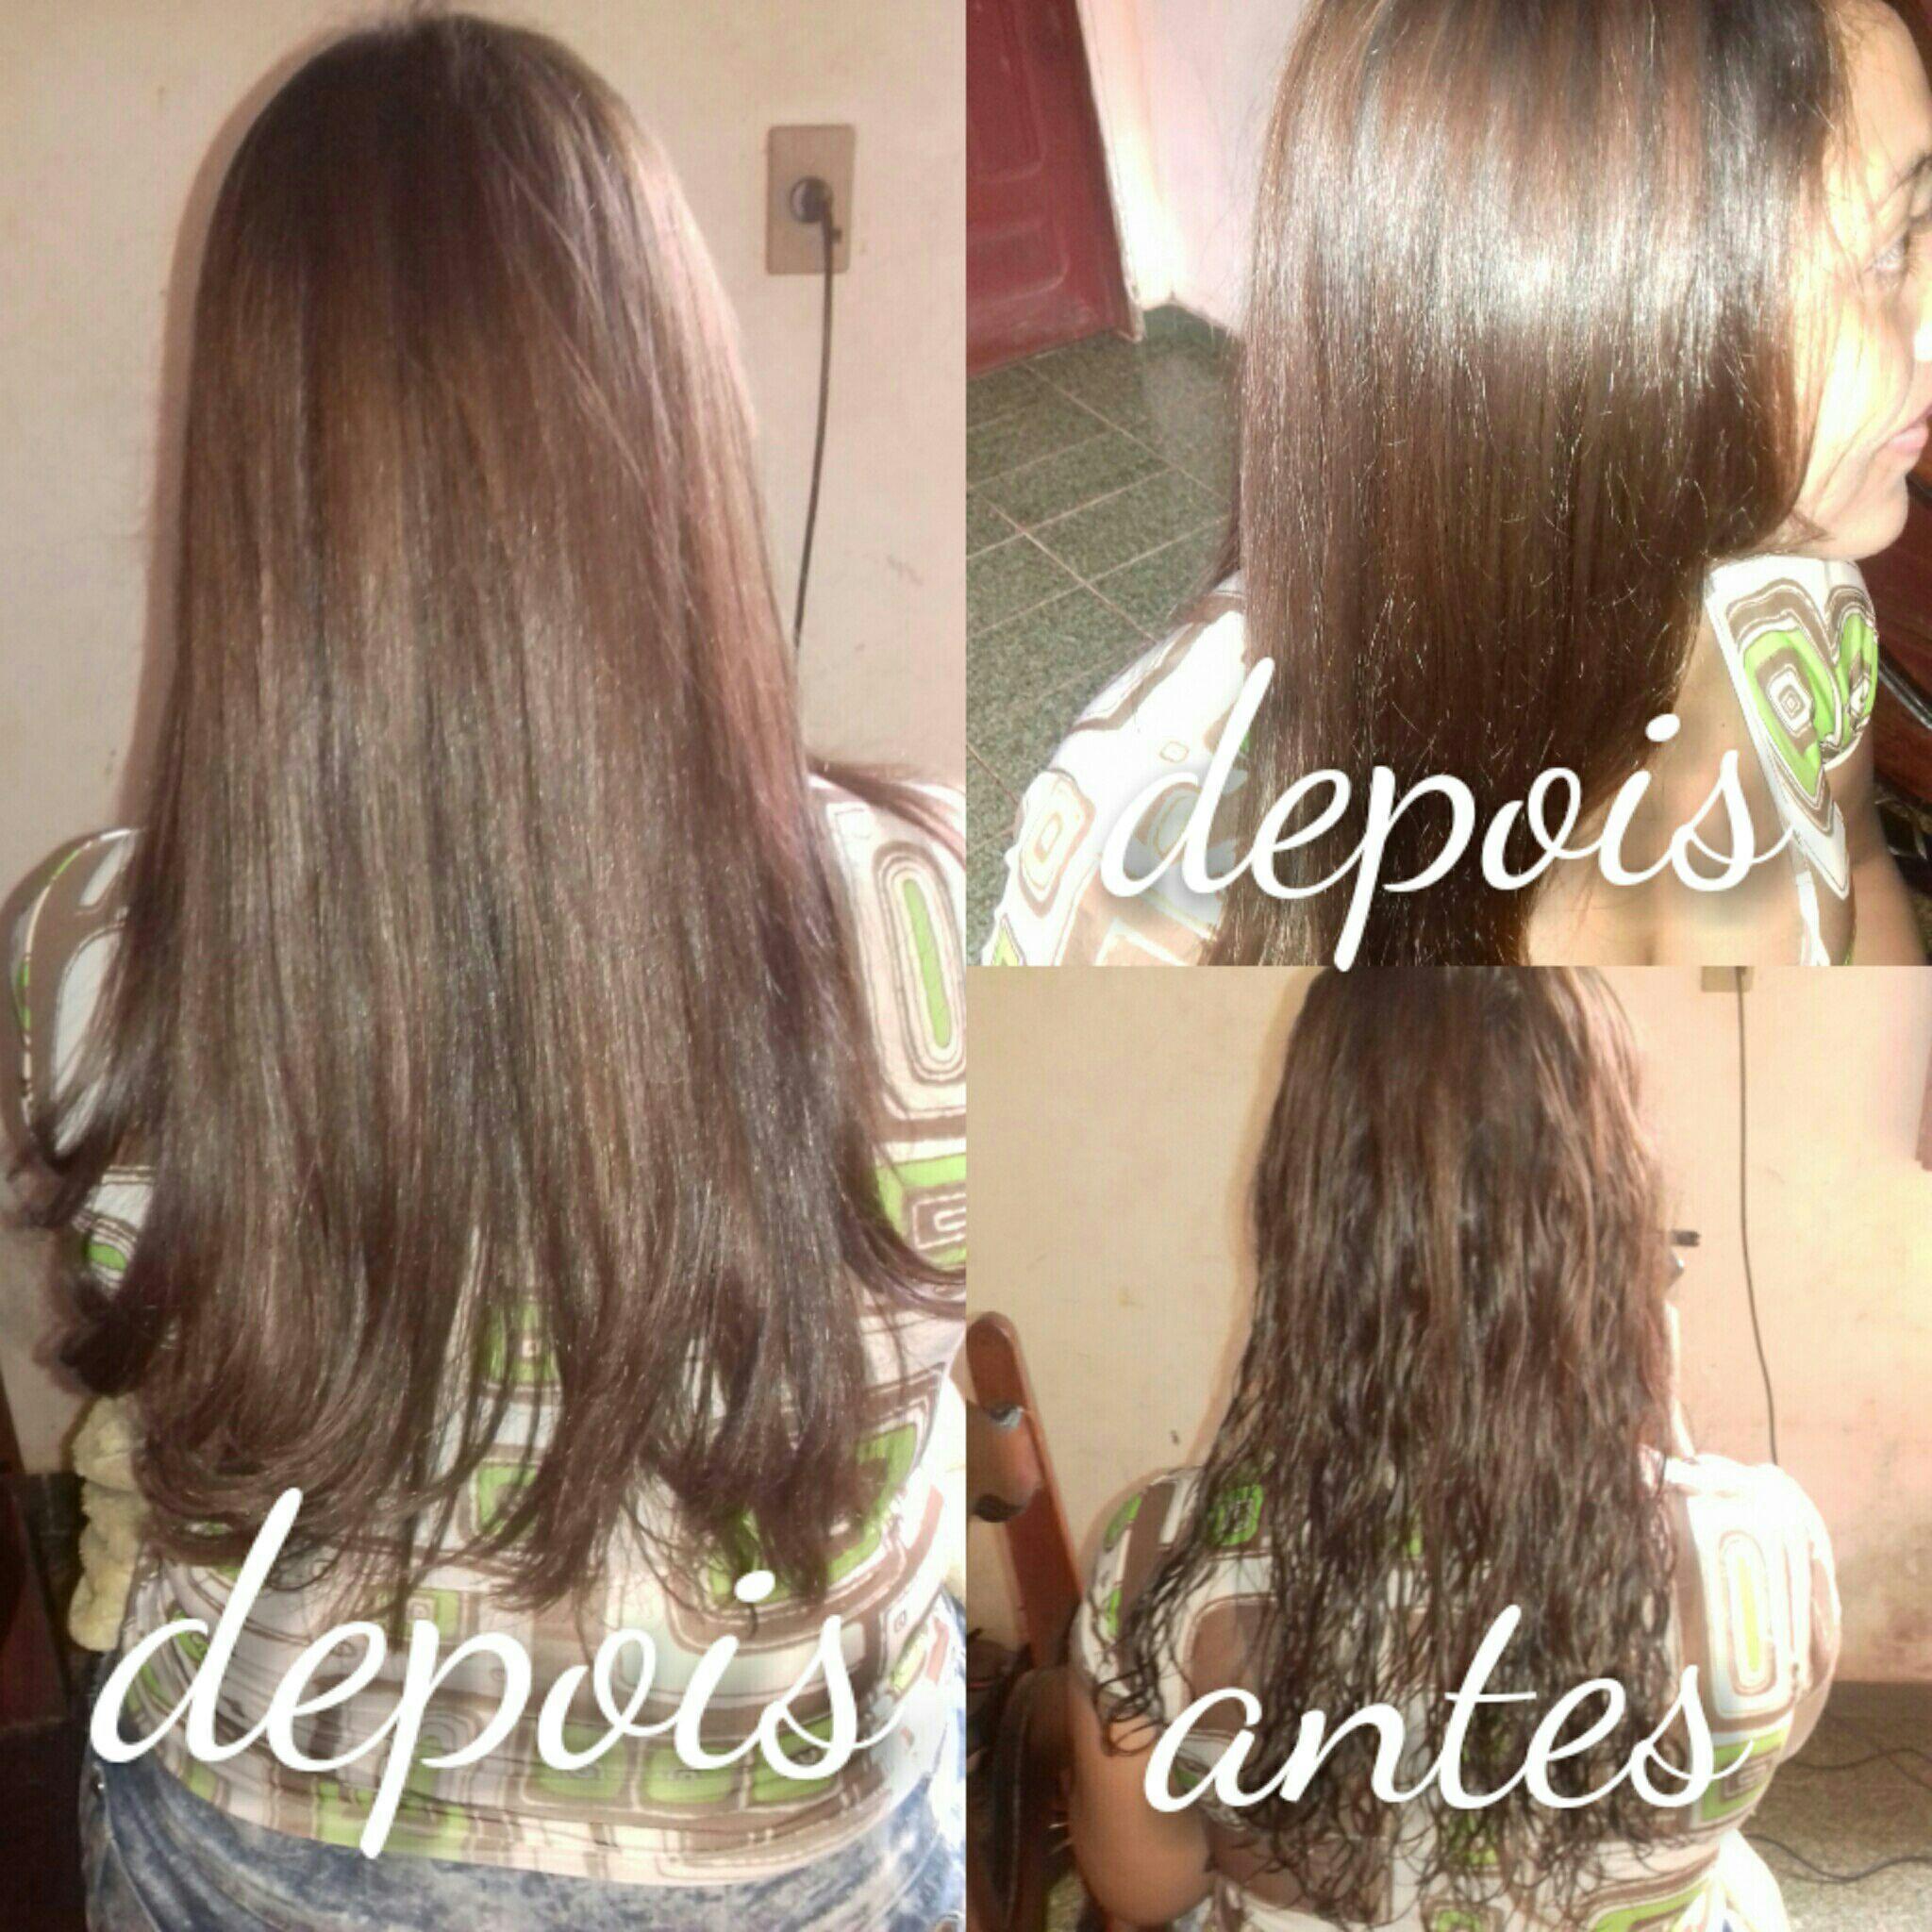 cabelos  dar cor chocolate .escova cabelo cabeleireiro(a) escovista escovista escovista cabeleireiro(a) assistente esteticista barbeiro(a)